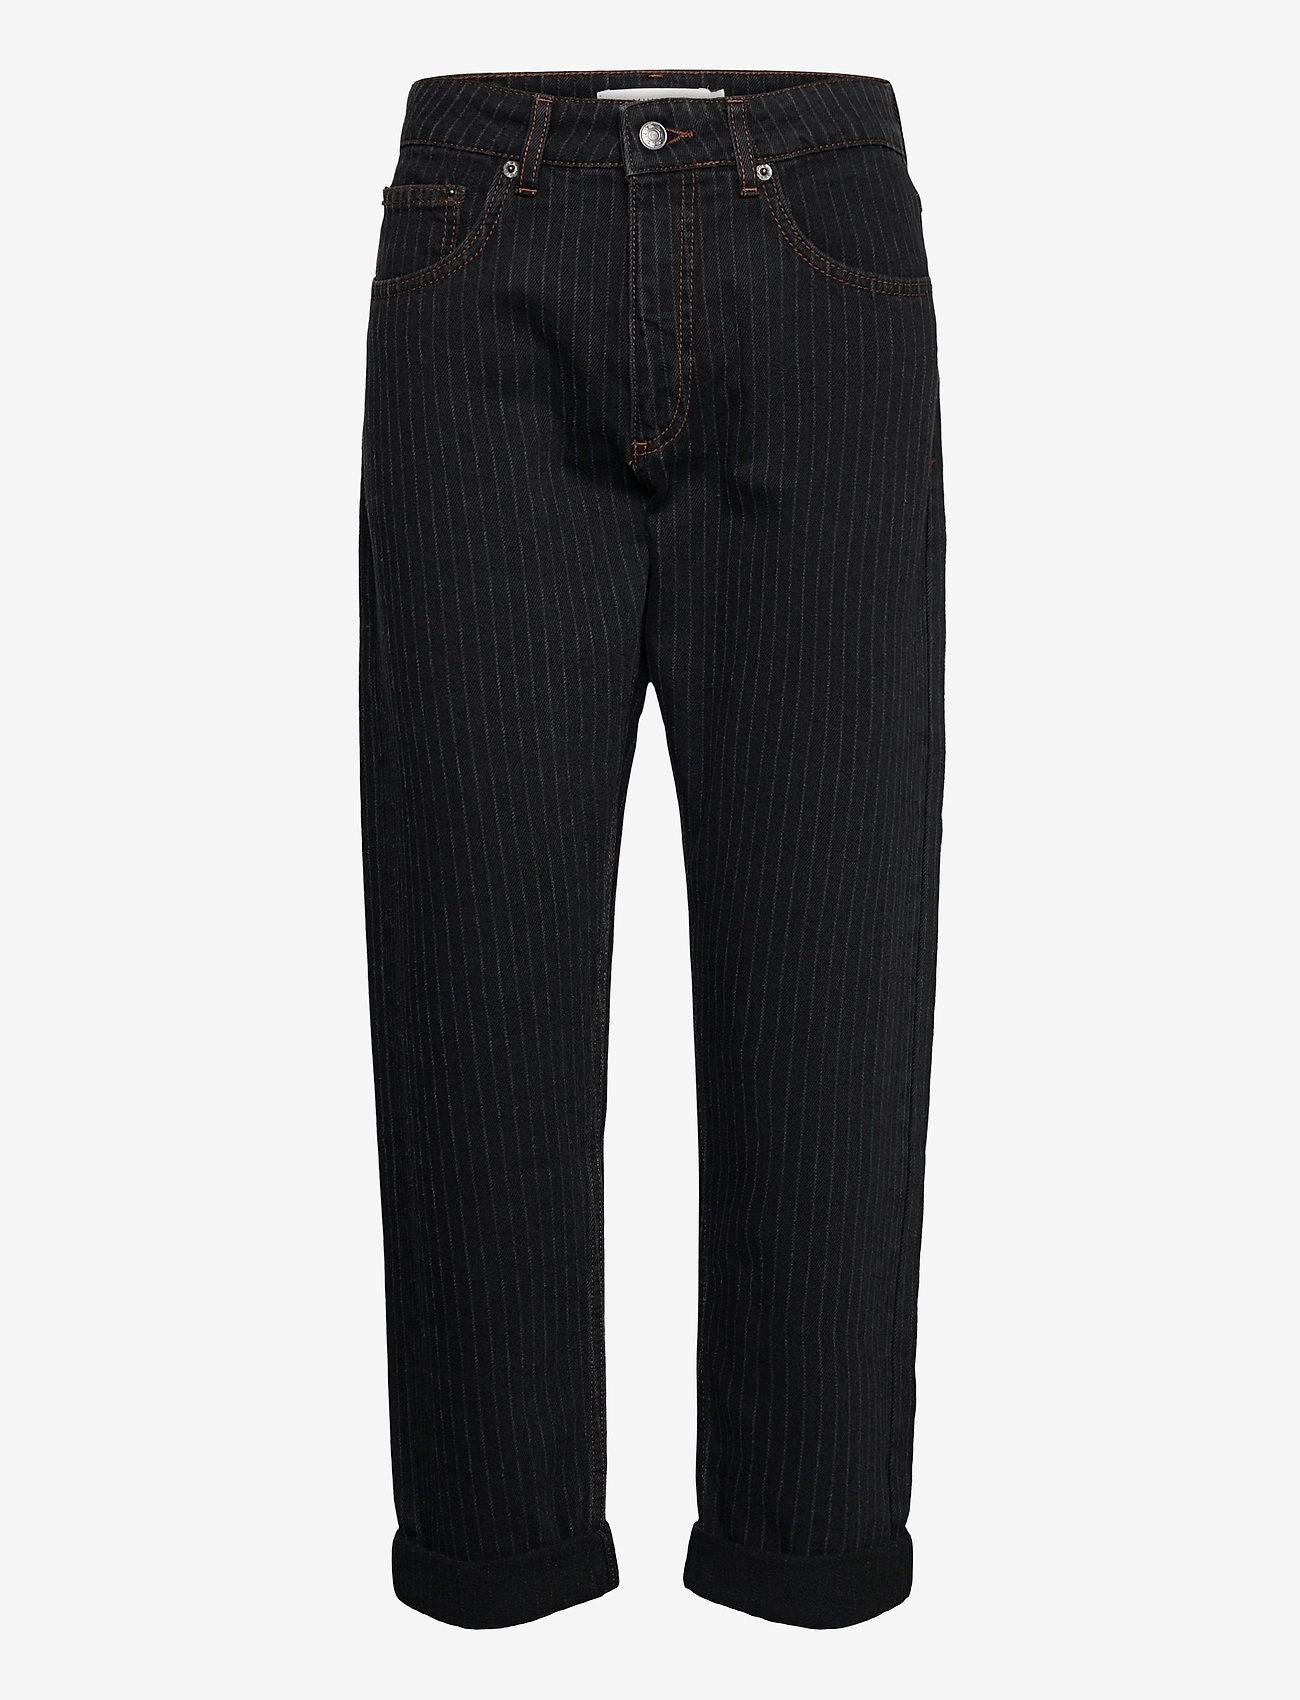 Munthe - SOLANDRA - pantalons larges - charcoal - 1